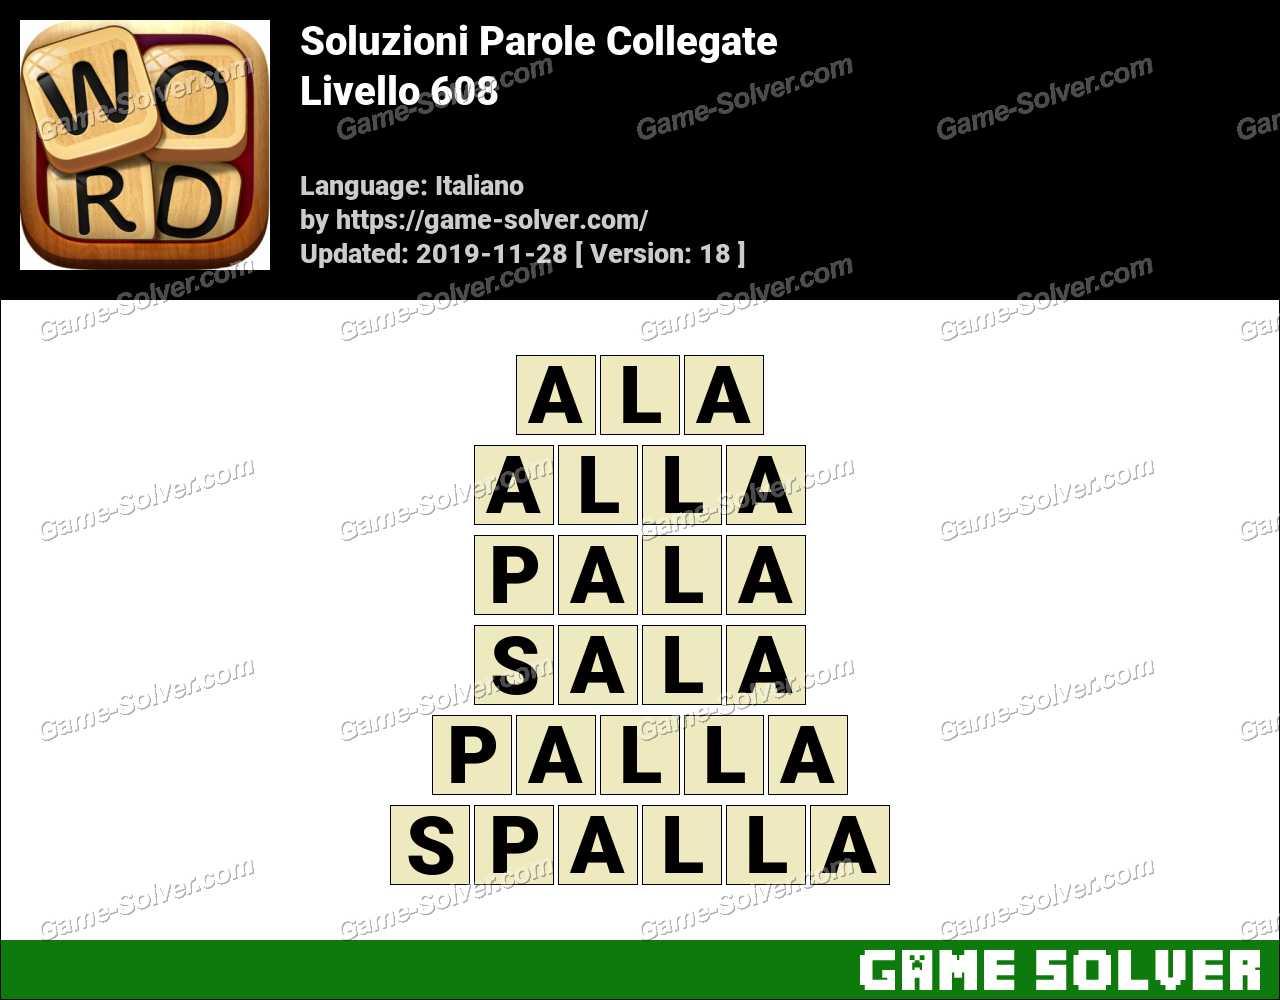 Soluzioni Parole Collegate Livello 608